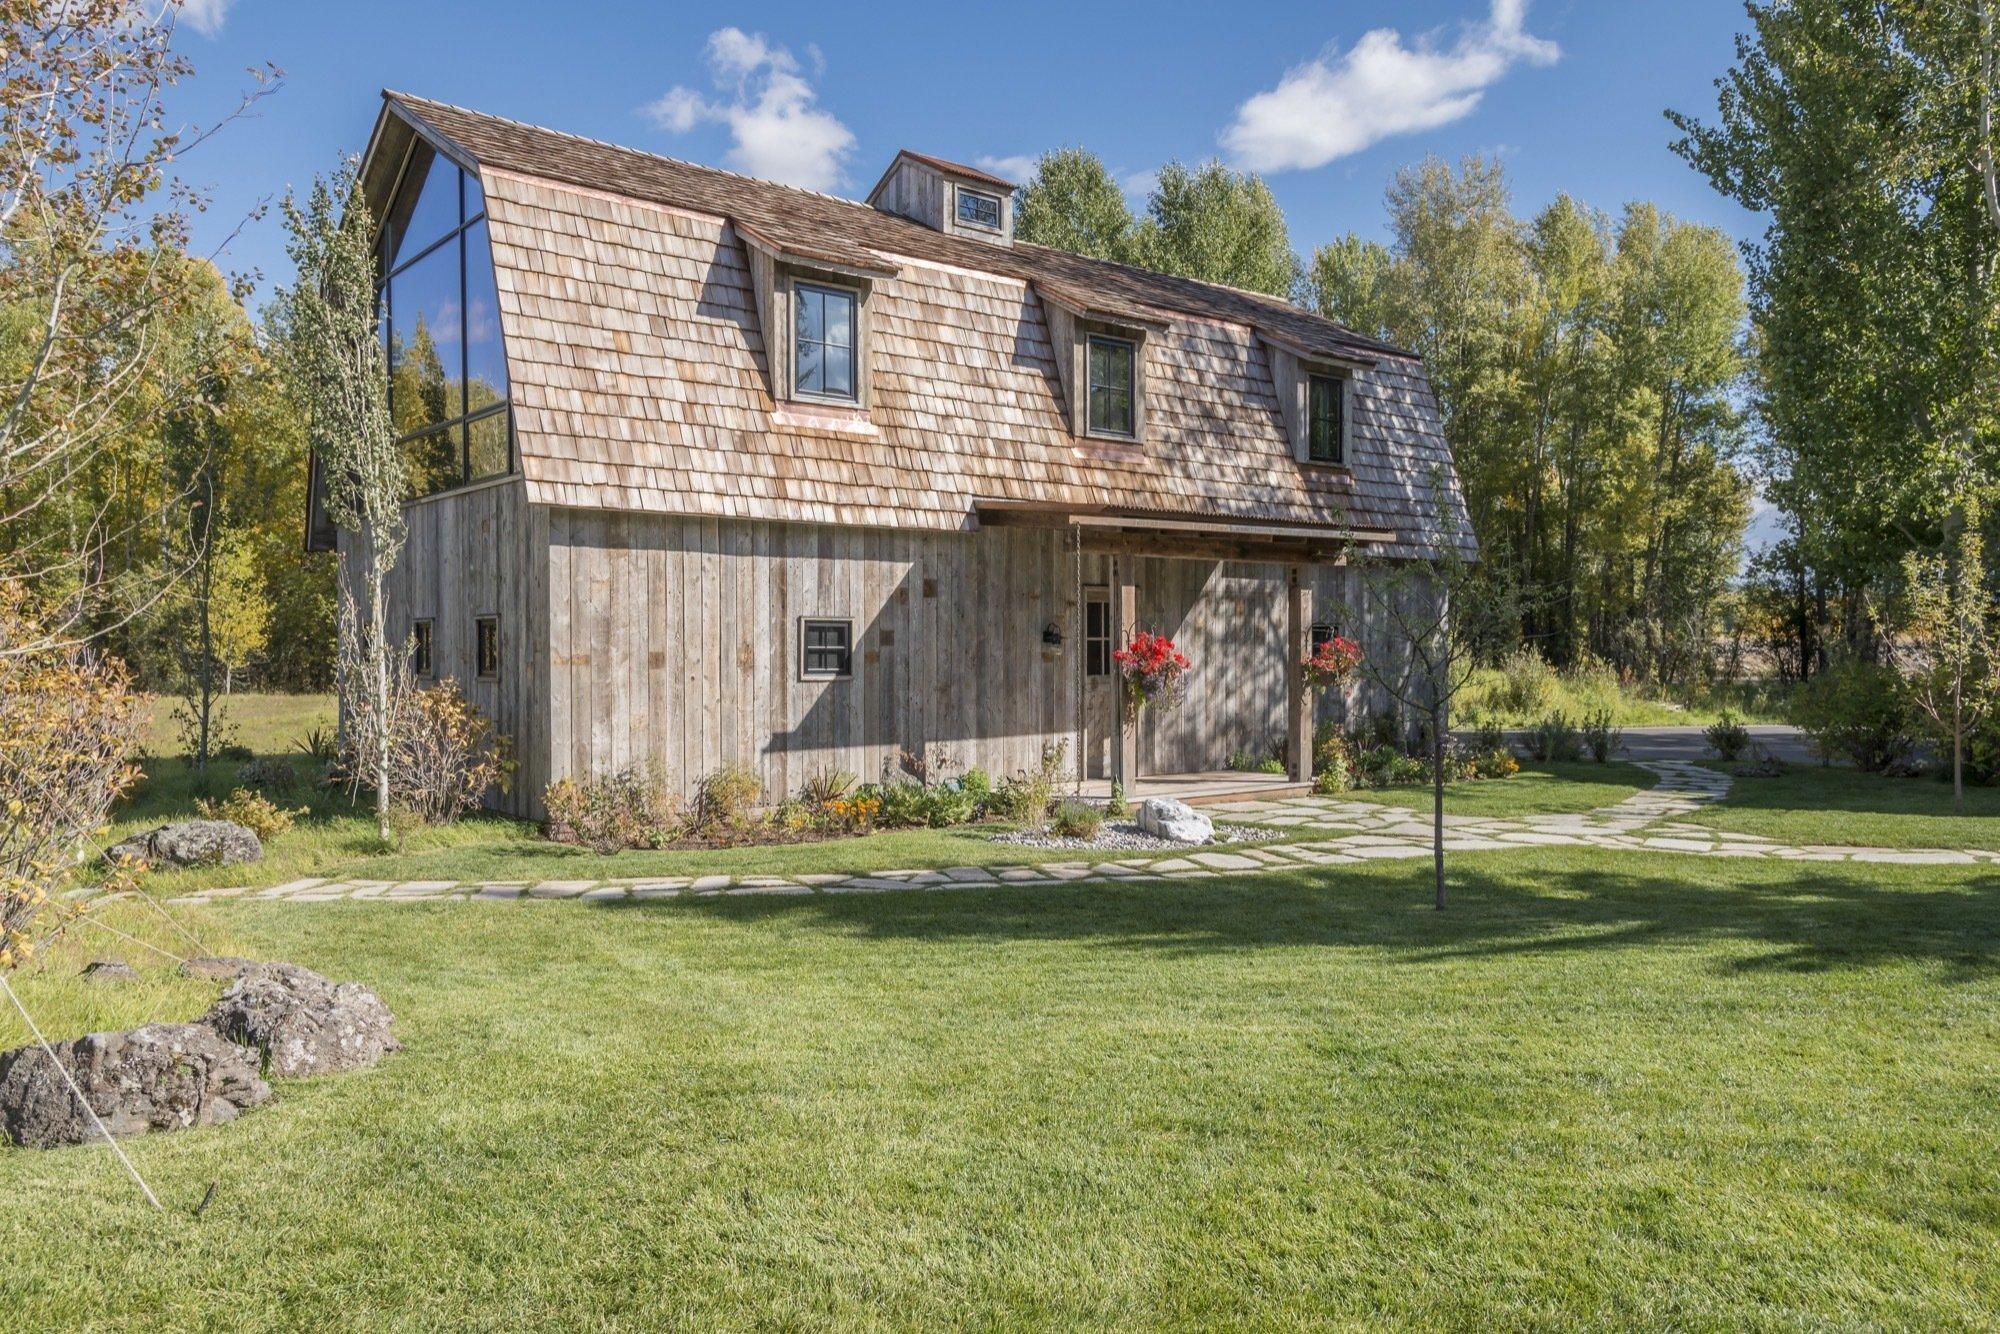 Spojení moderního stylu v původní rustikální stodole? Podívejte se na úžasnou proměnu staré stodoly s velkým překvapením v prvním patře a retro garáží plné skvostů.